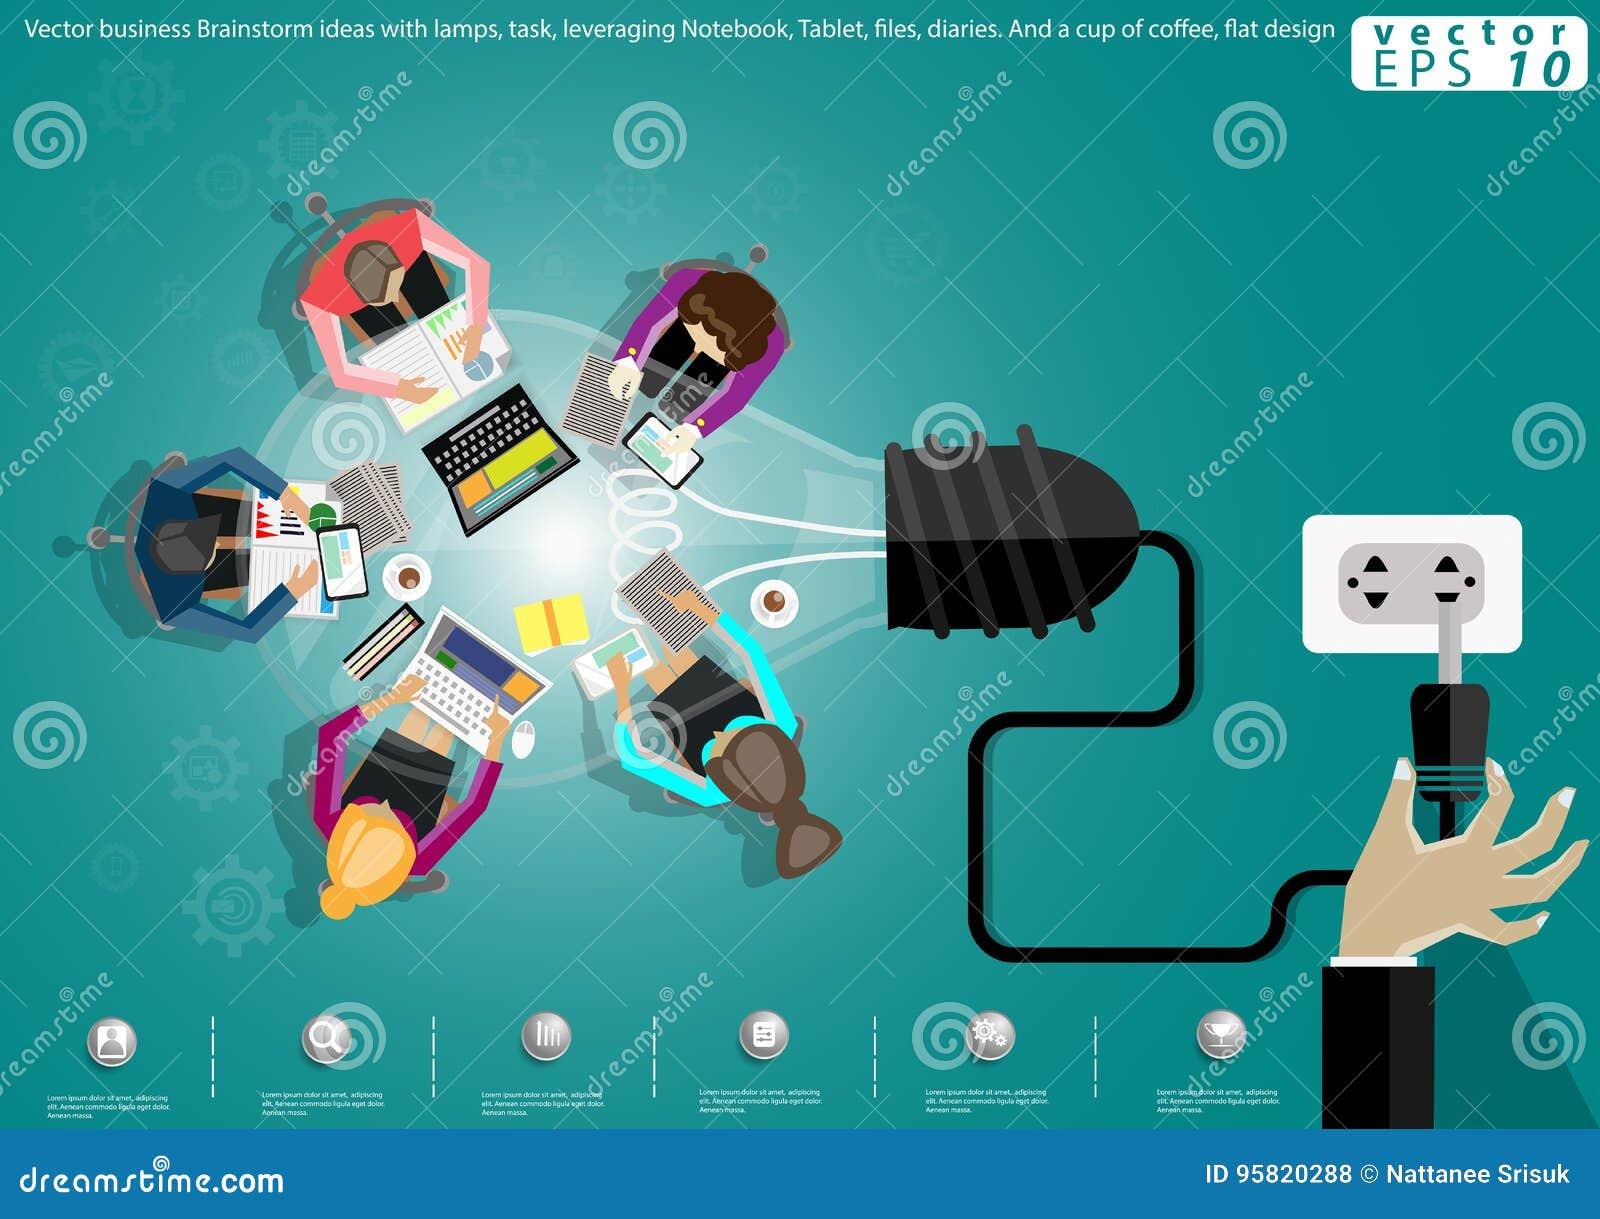 Vector Geschäft Geistesblitzideen mit Lampen, Aufgabe, wirksam einsetzendes Notizbuch, Tablet, Dateien, Tagebücher Und ein Tasse